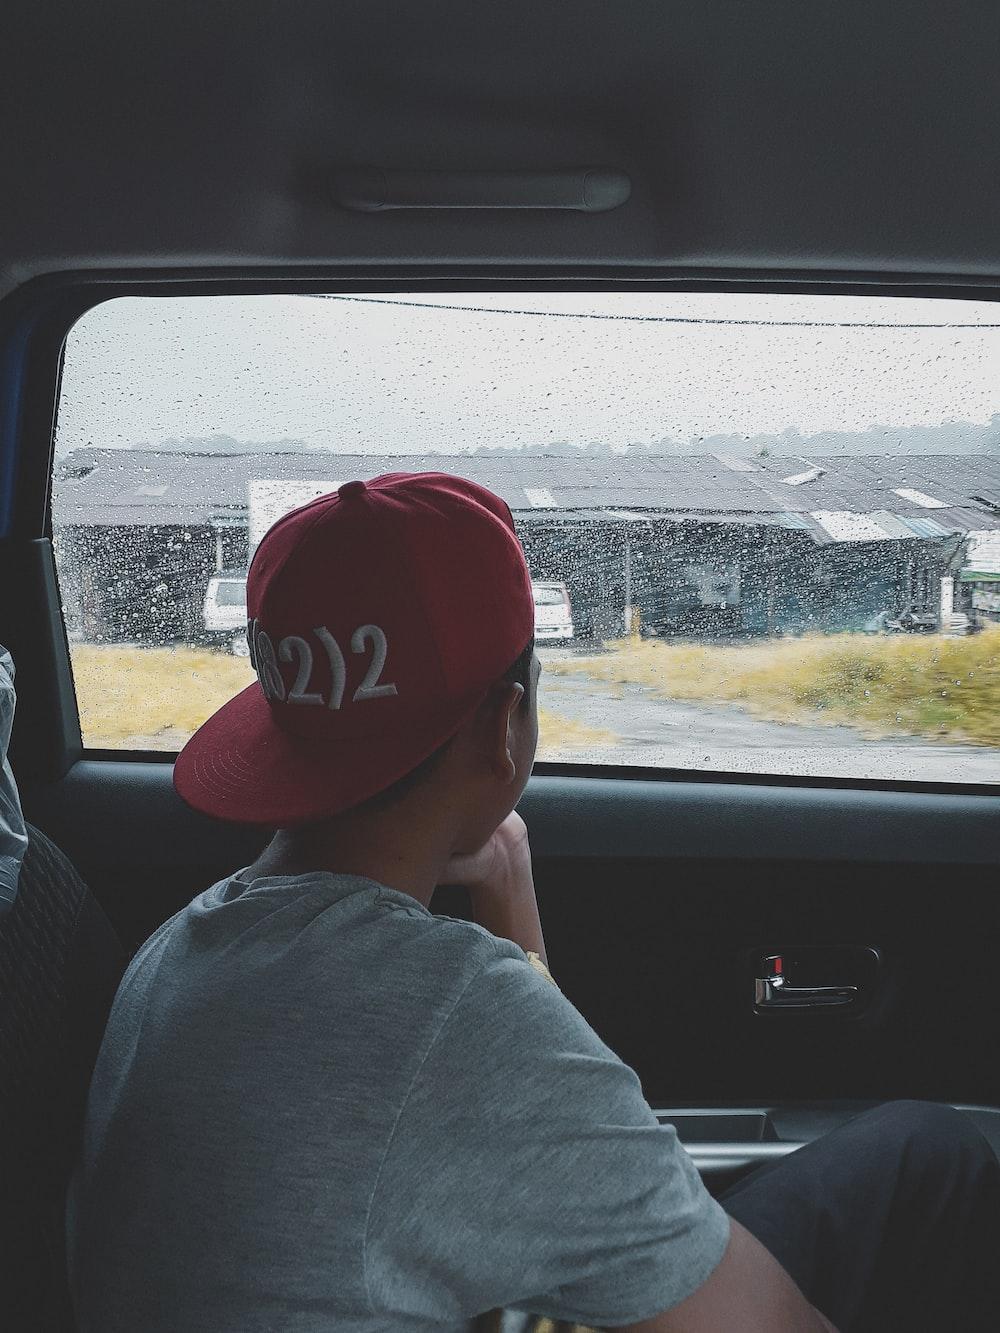 man wearing red cap